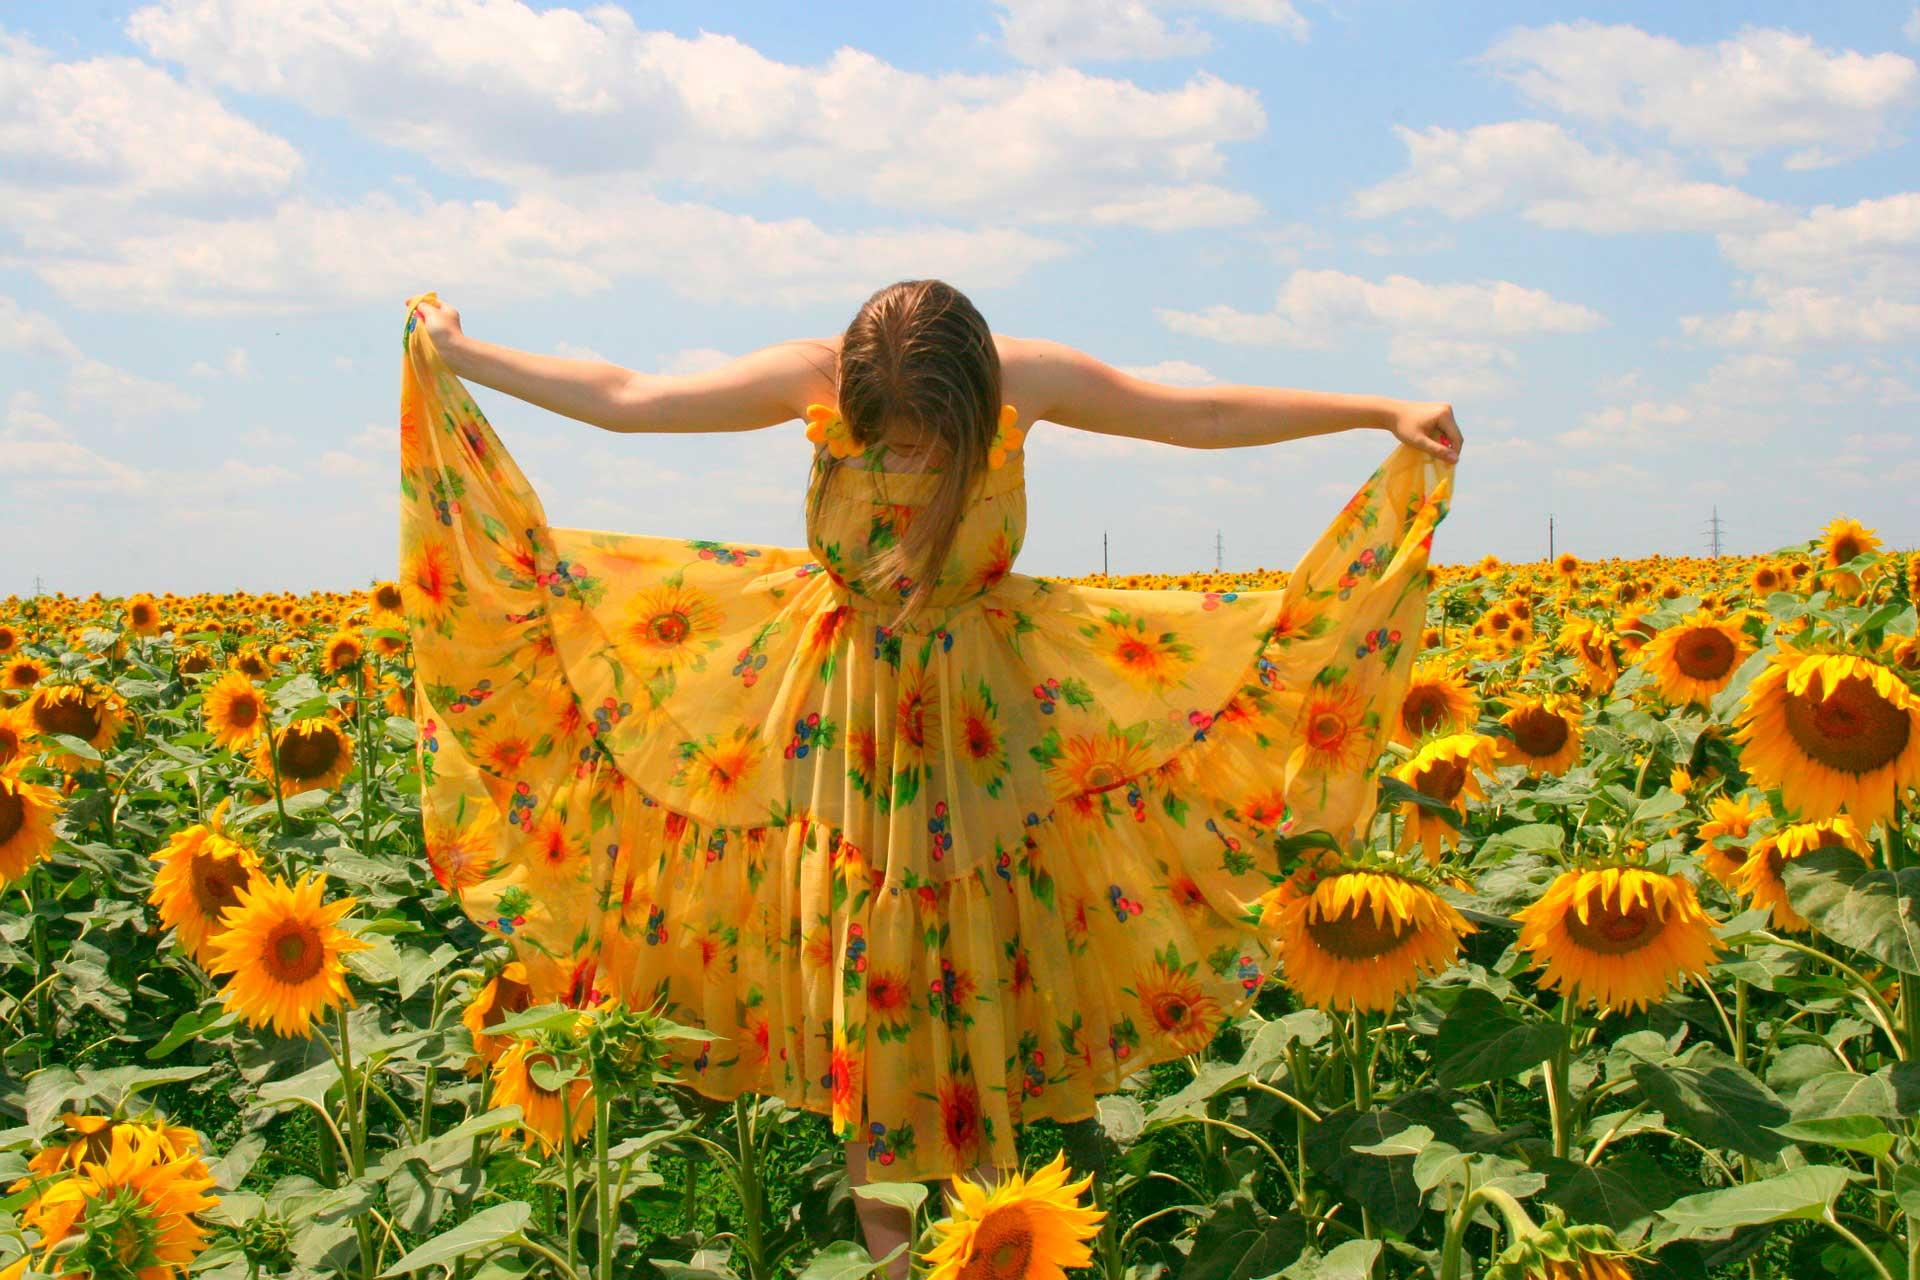 hoy-disfruta-de-la-alegria-en-cada-hora-del-dia-el-salto-de-consciencia